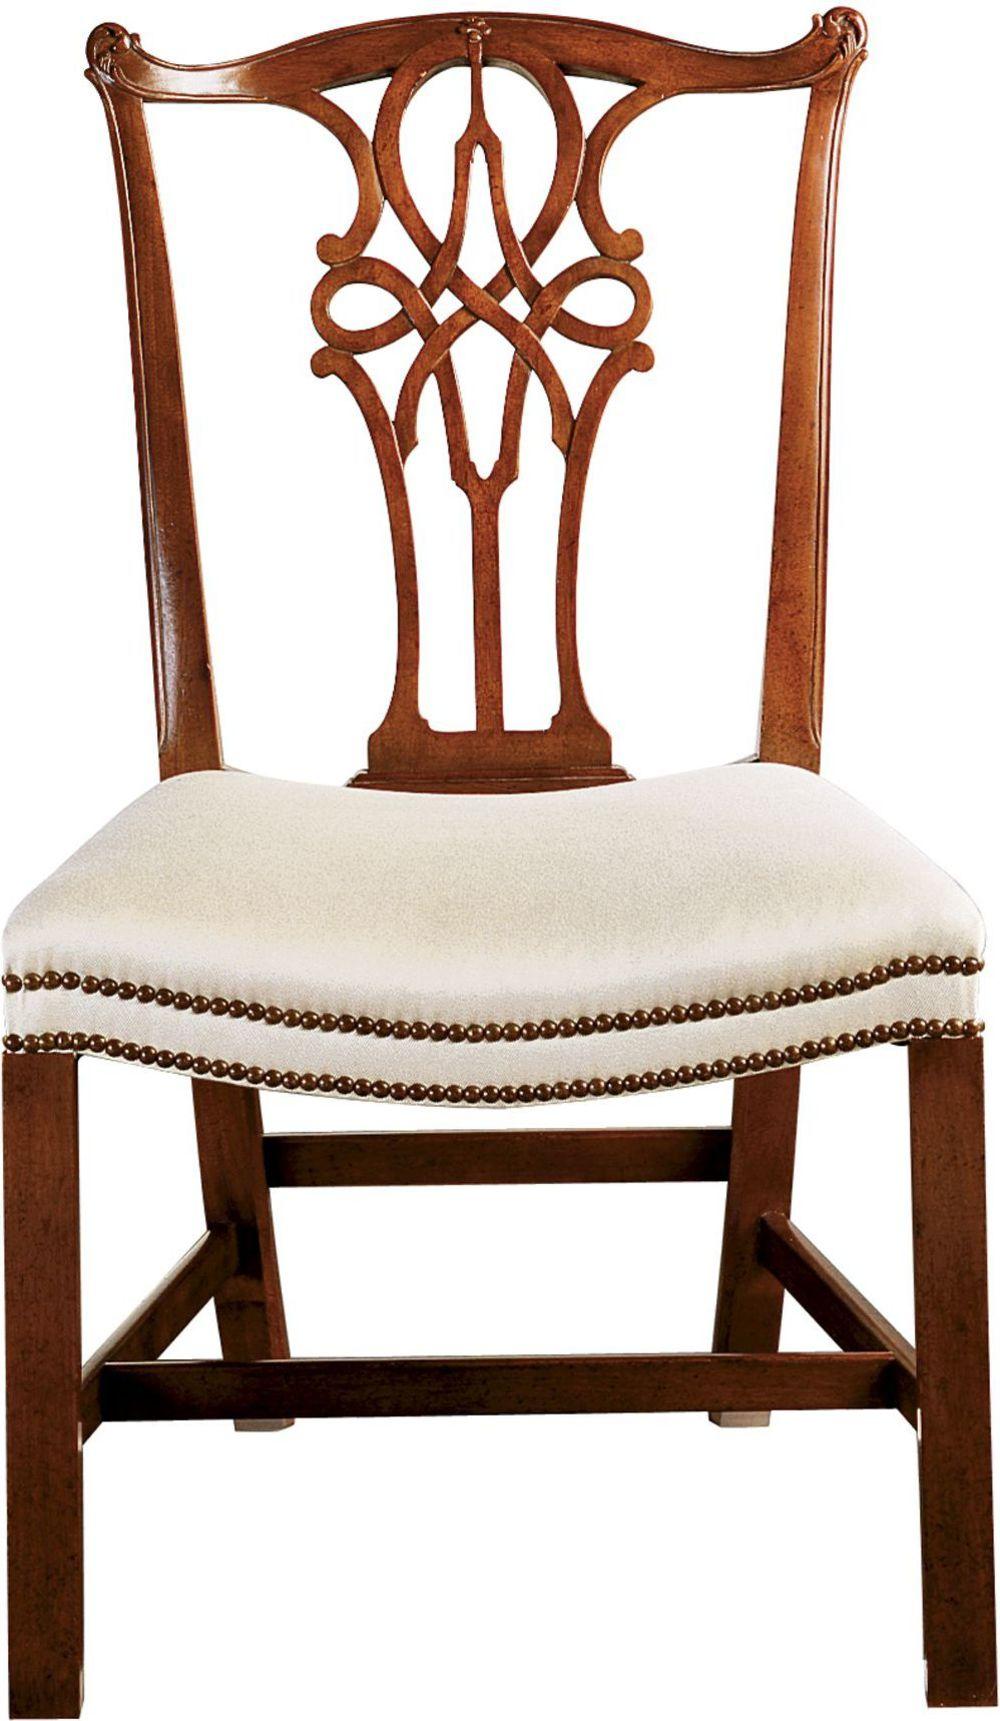 Baker Furniture - George III Mahogany Side Chair